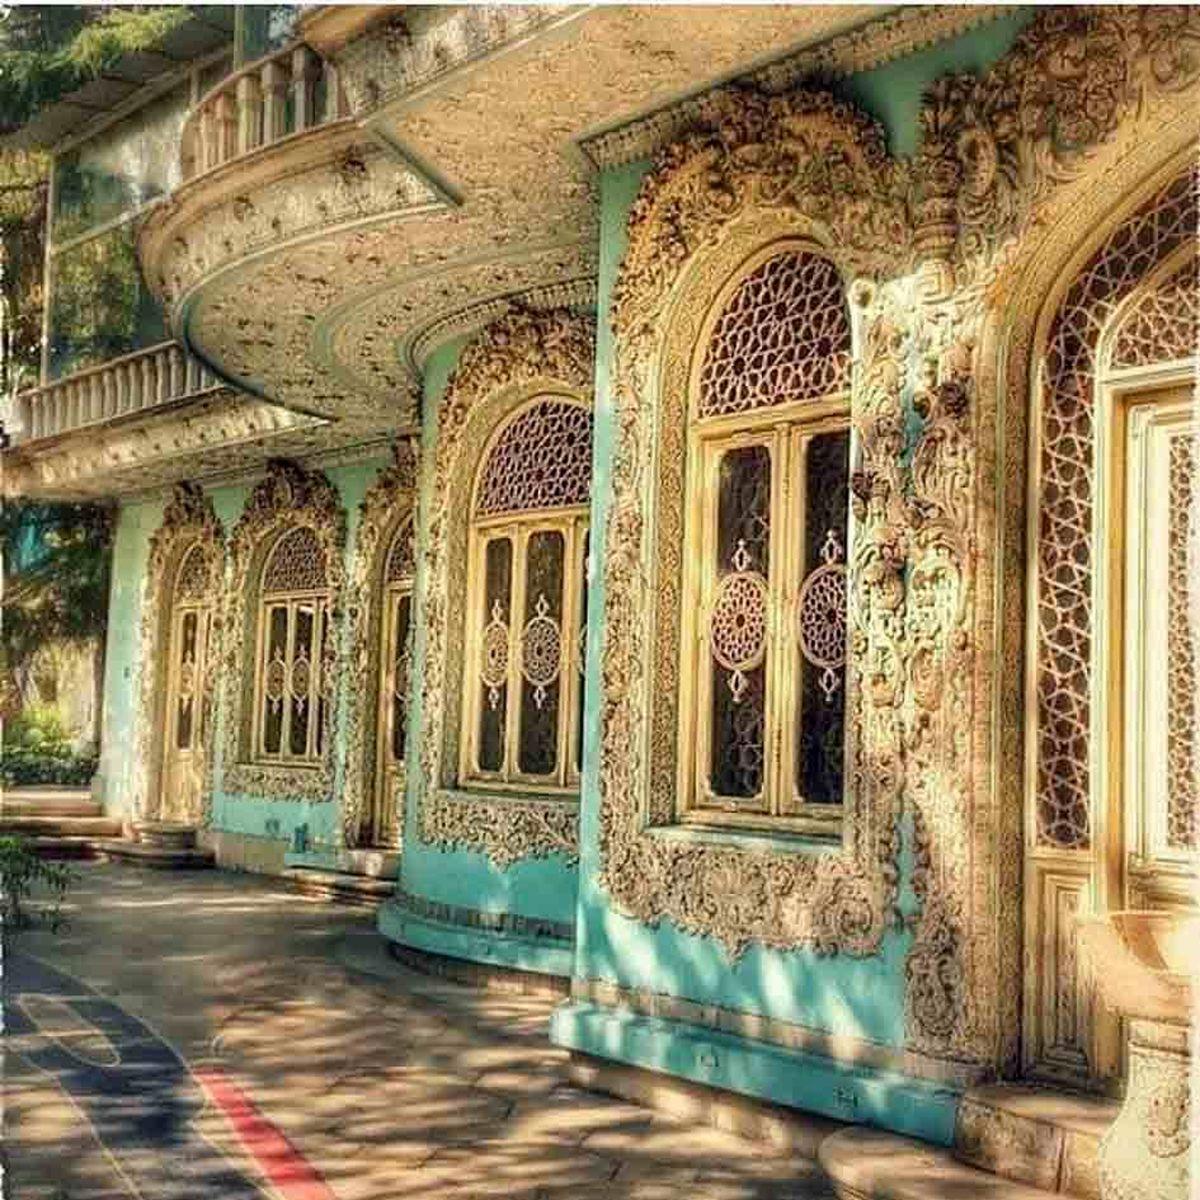 عمارتی رویایی در تهران که زیباتراز کاخهای اروپاییست